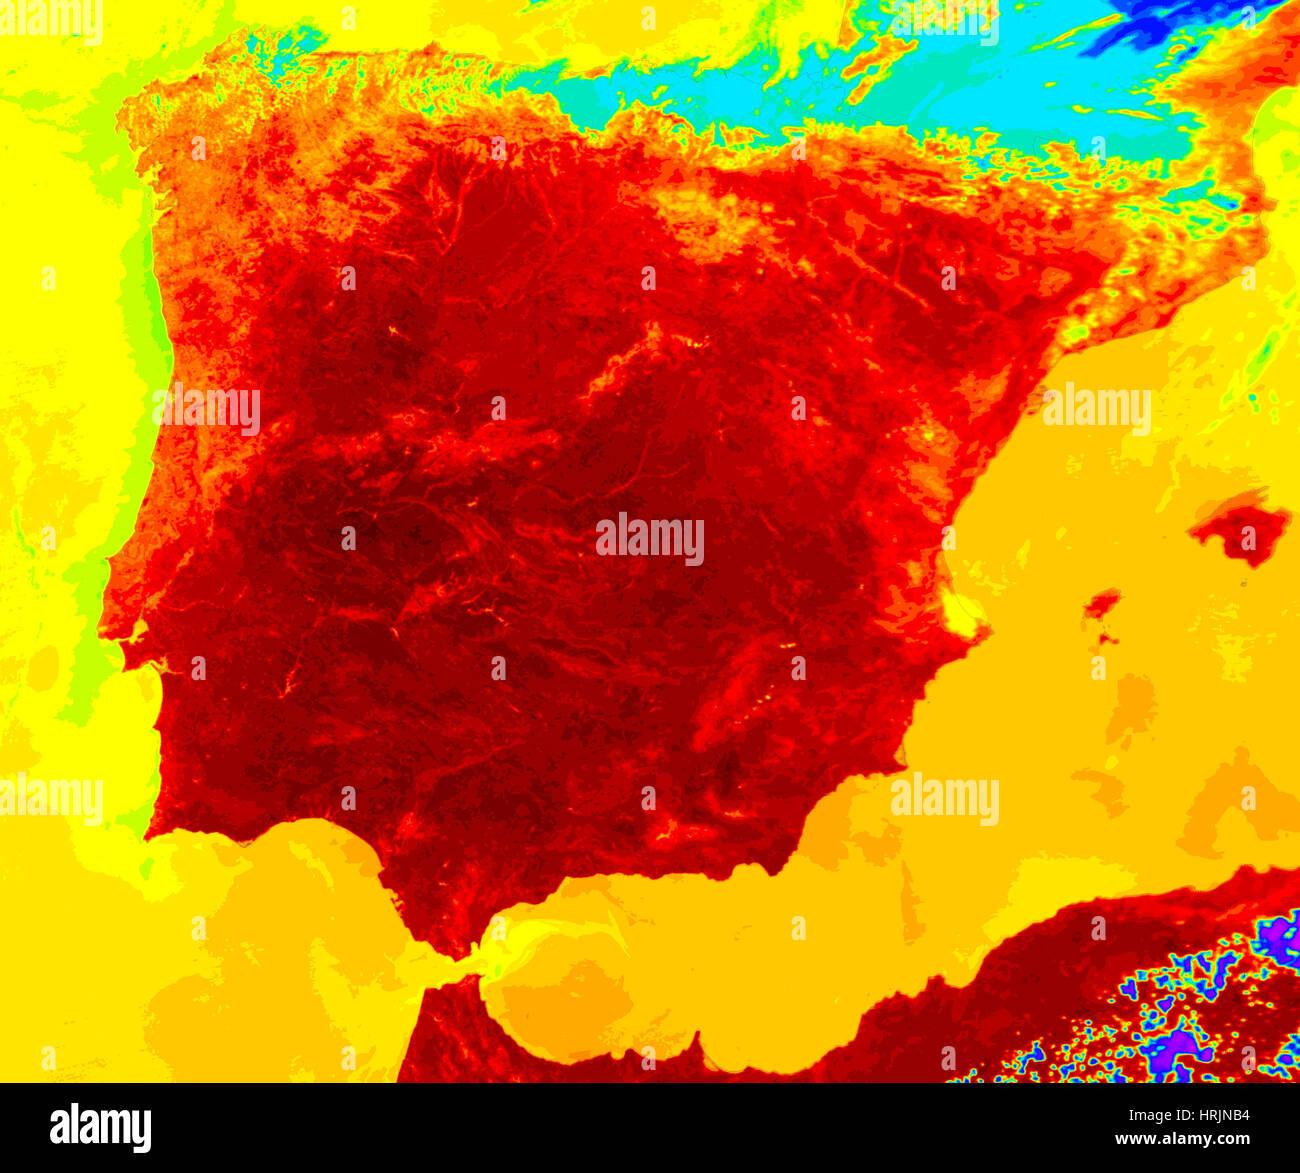 Canícula, MODIS Imagen, 2005 Imagen De Stock